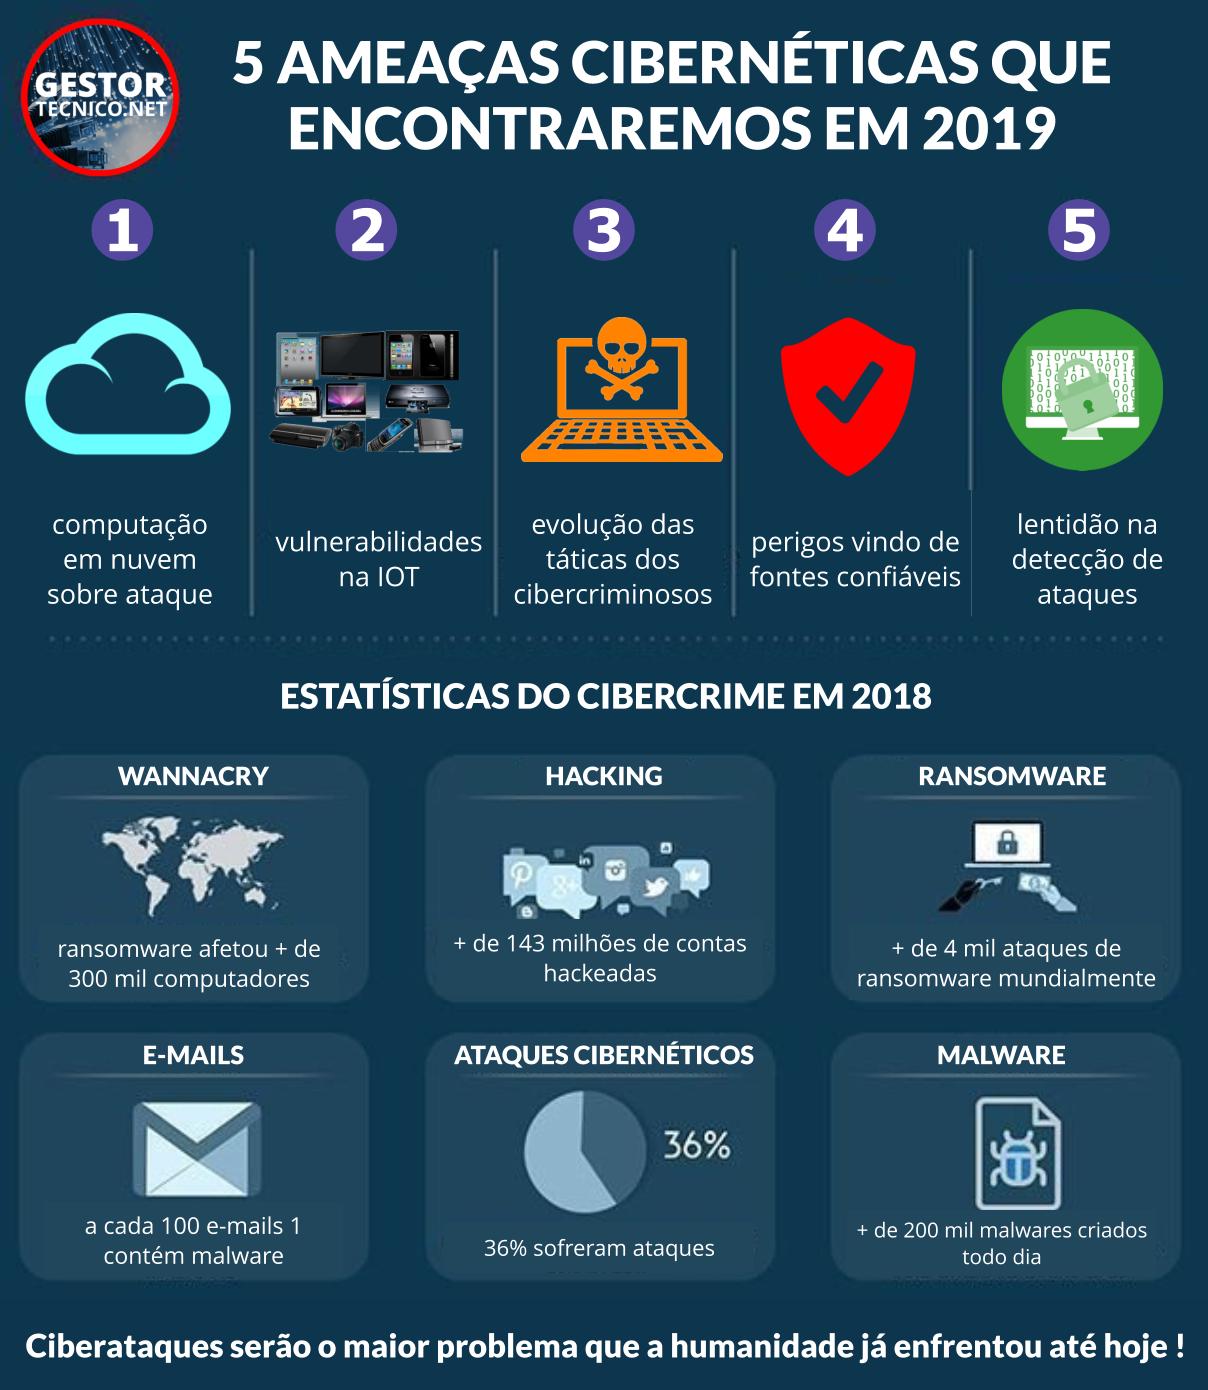 5-amecas-ciberneticas-2019